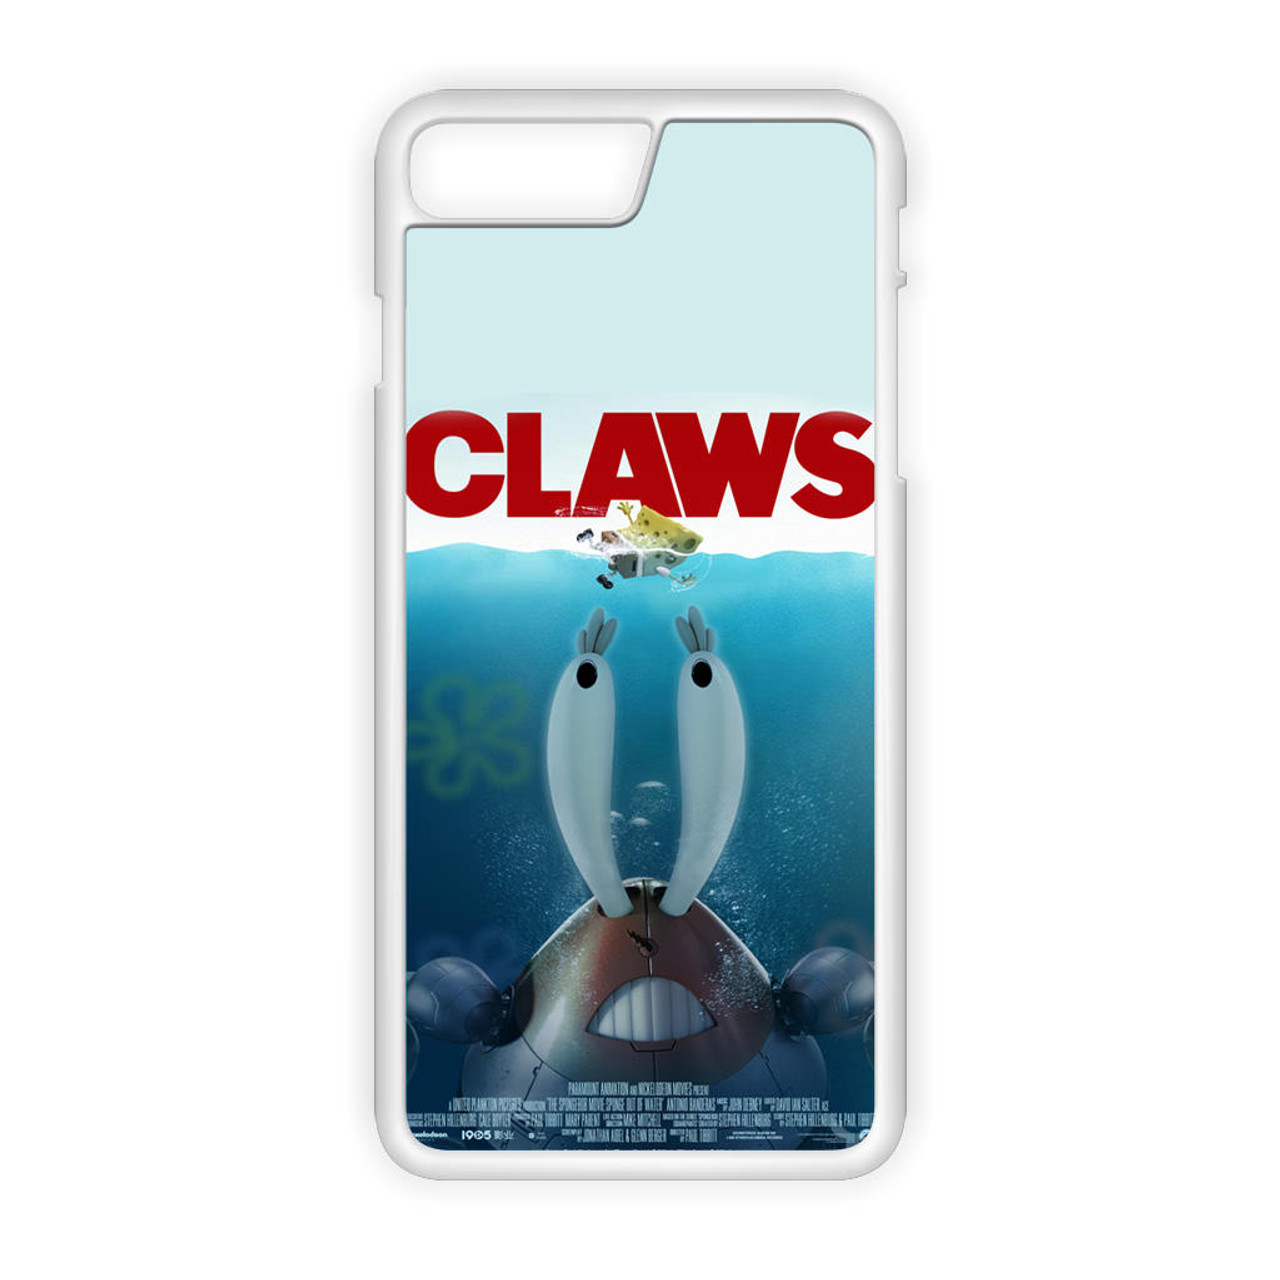 Claws Mr Crabs Spongebob iPhone 7 Plus Case